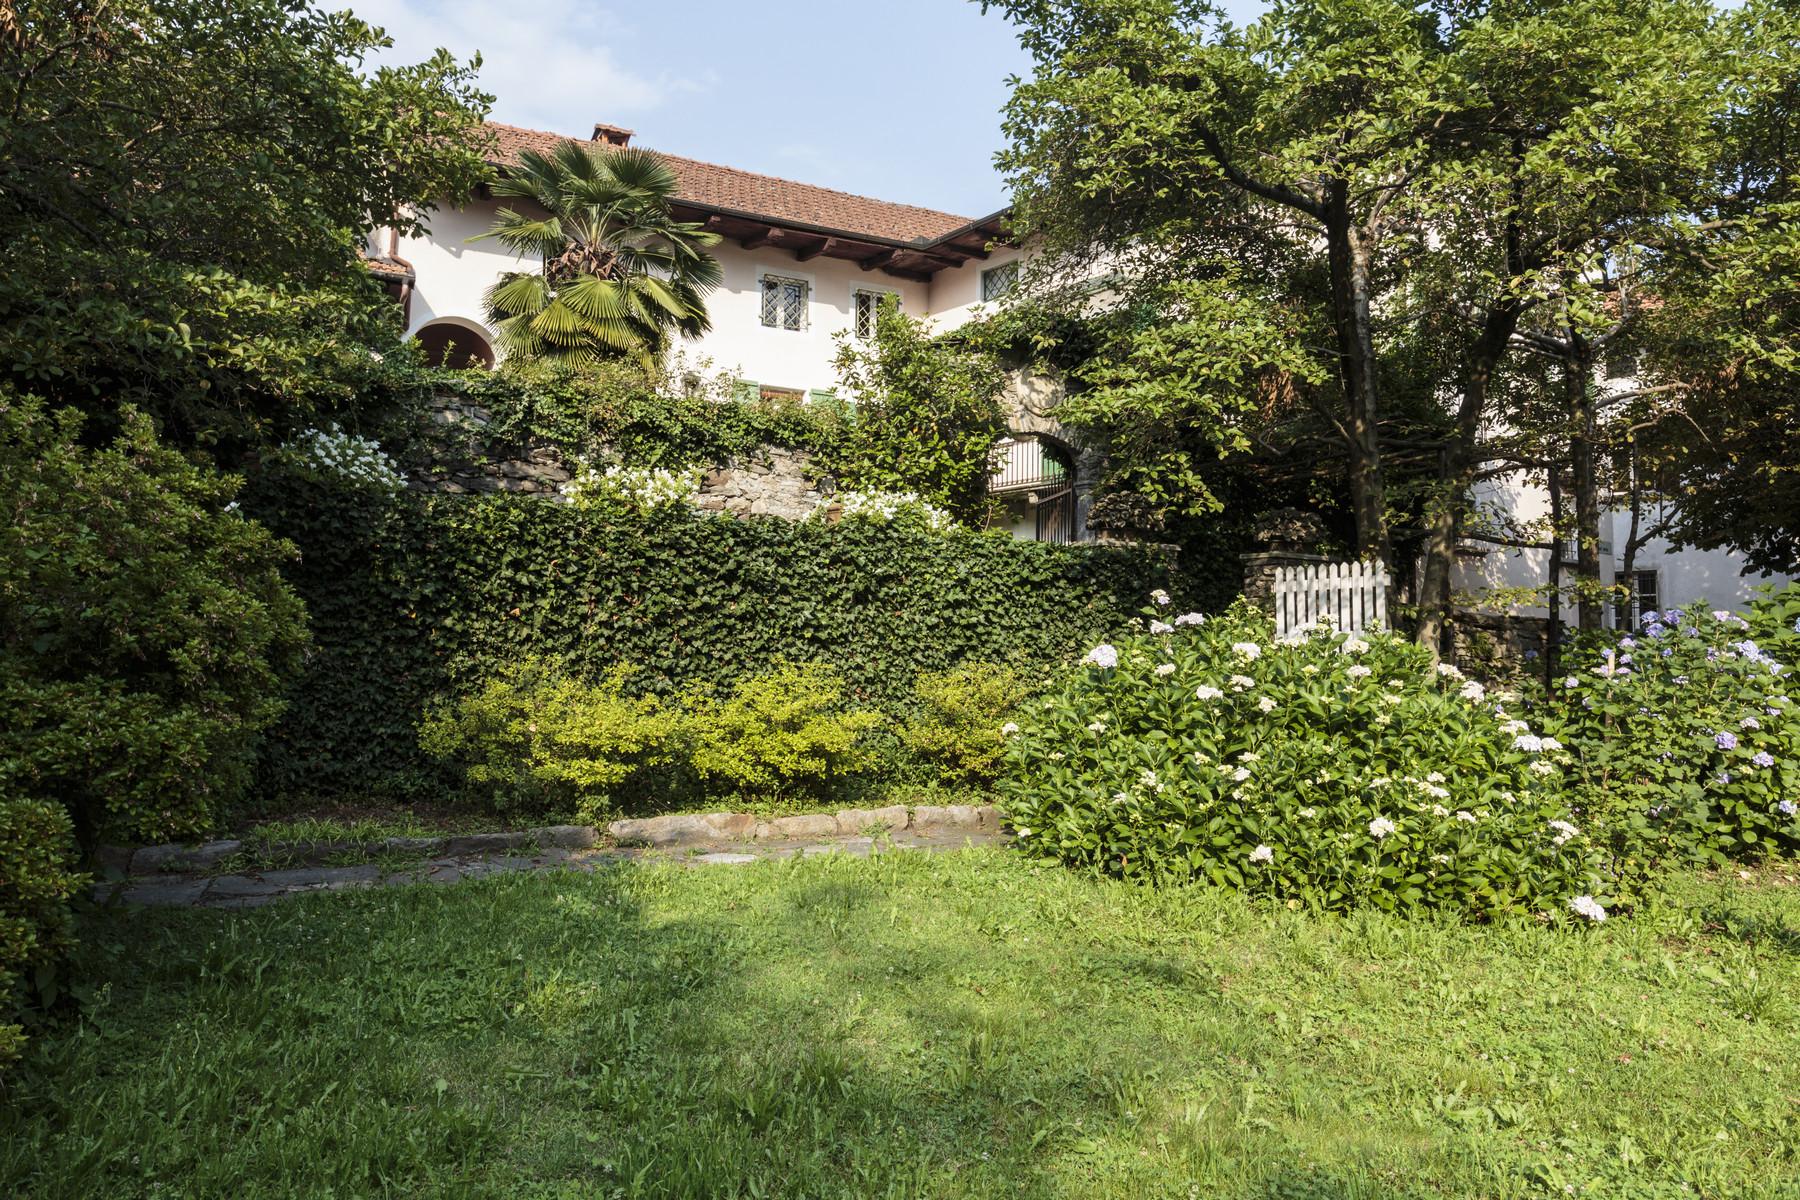 Villa in Vendita a Pettenasco: 5 locali, 394 mq - Foto 23